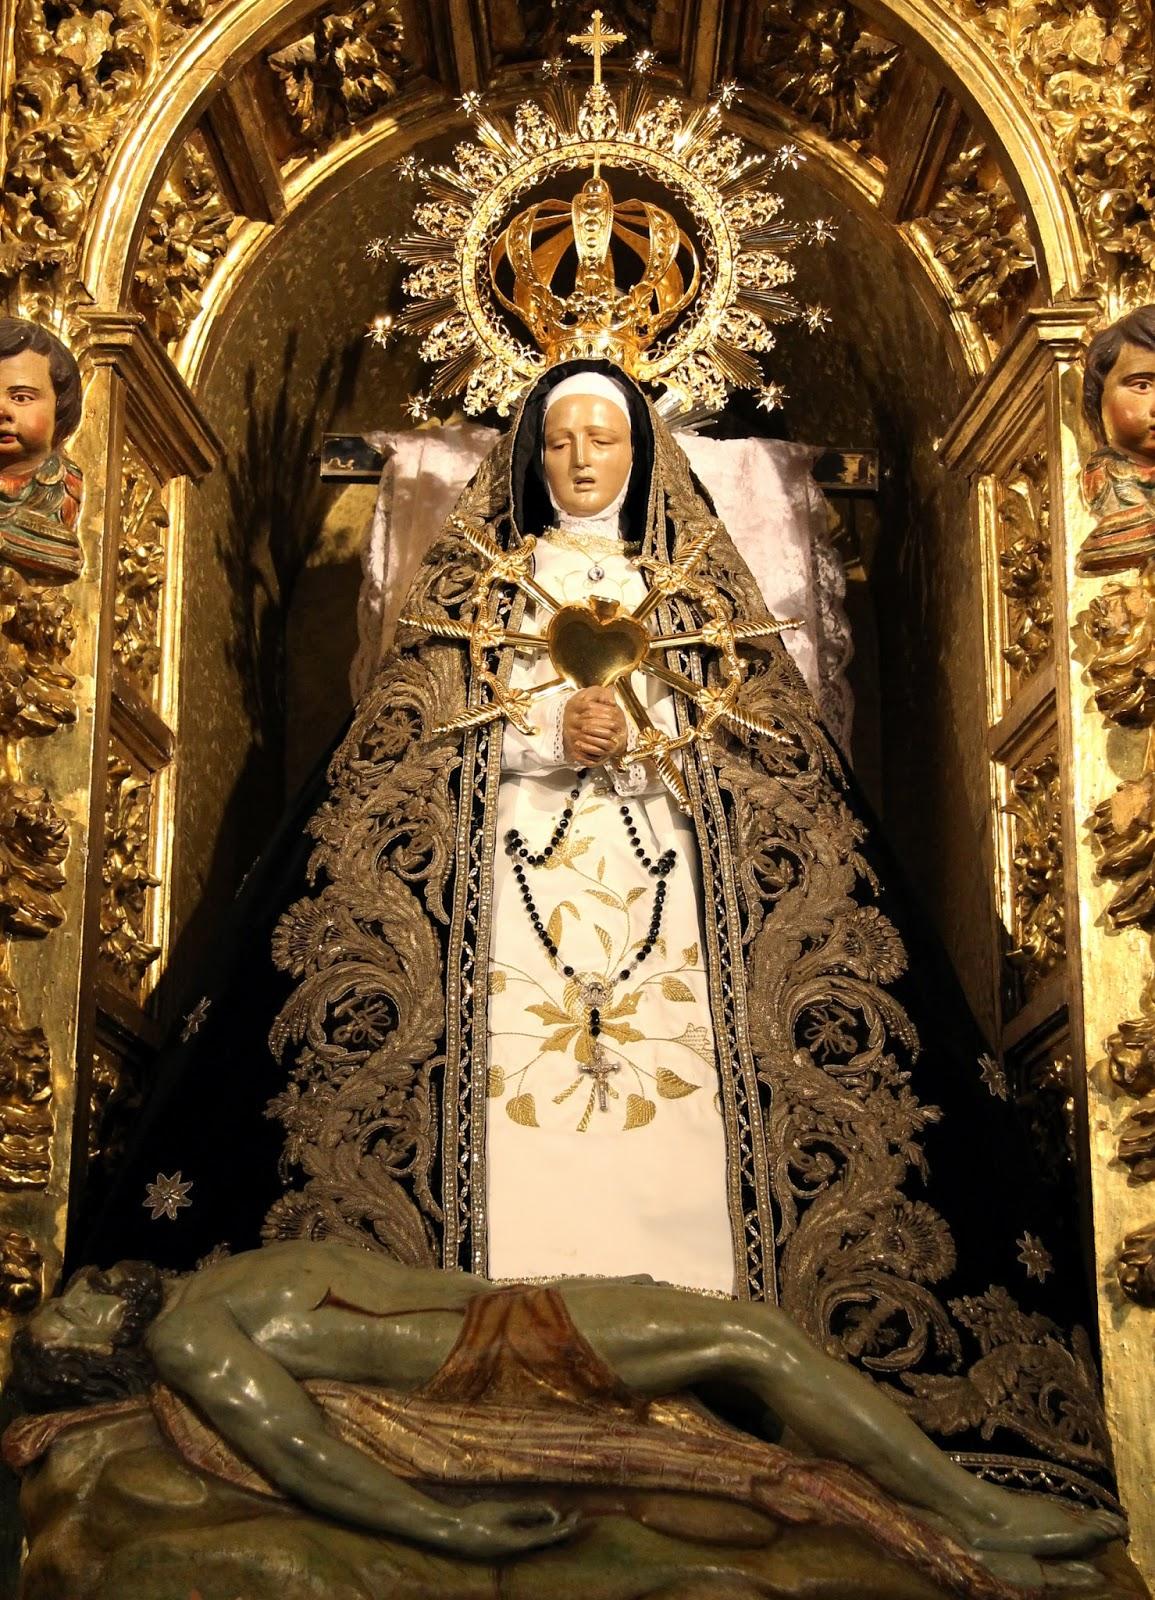 Alba y jesus en el stand de ana g en el feda - 3 part 2